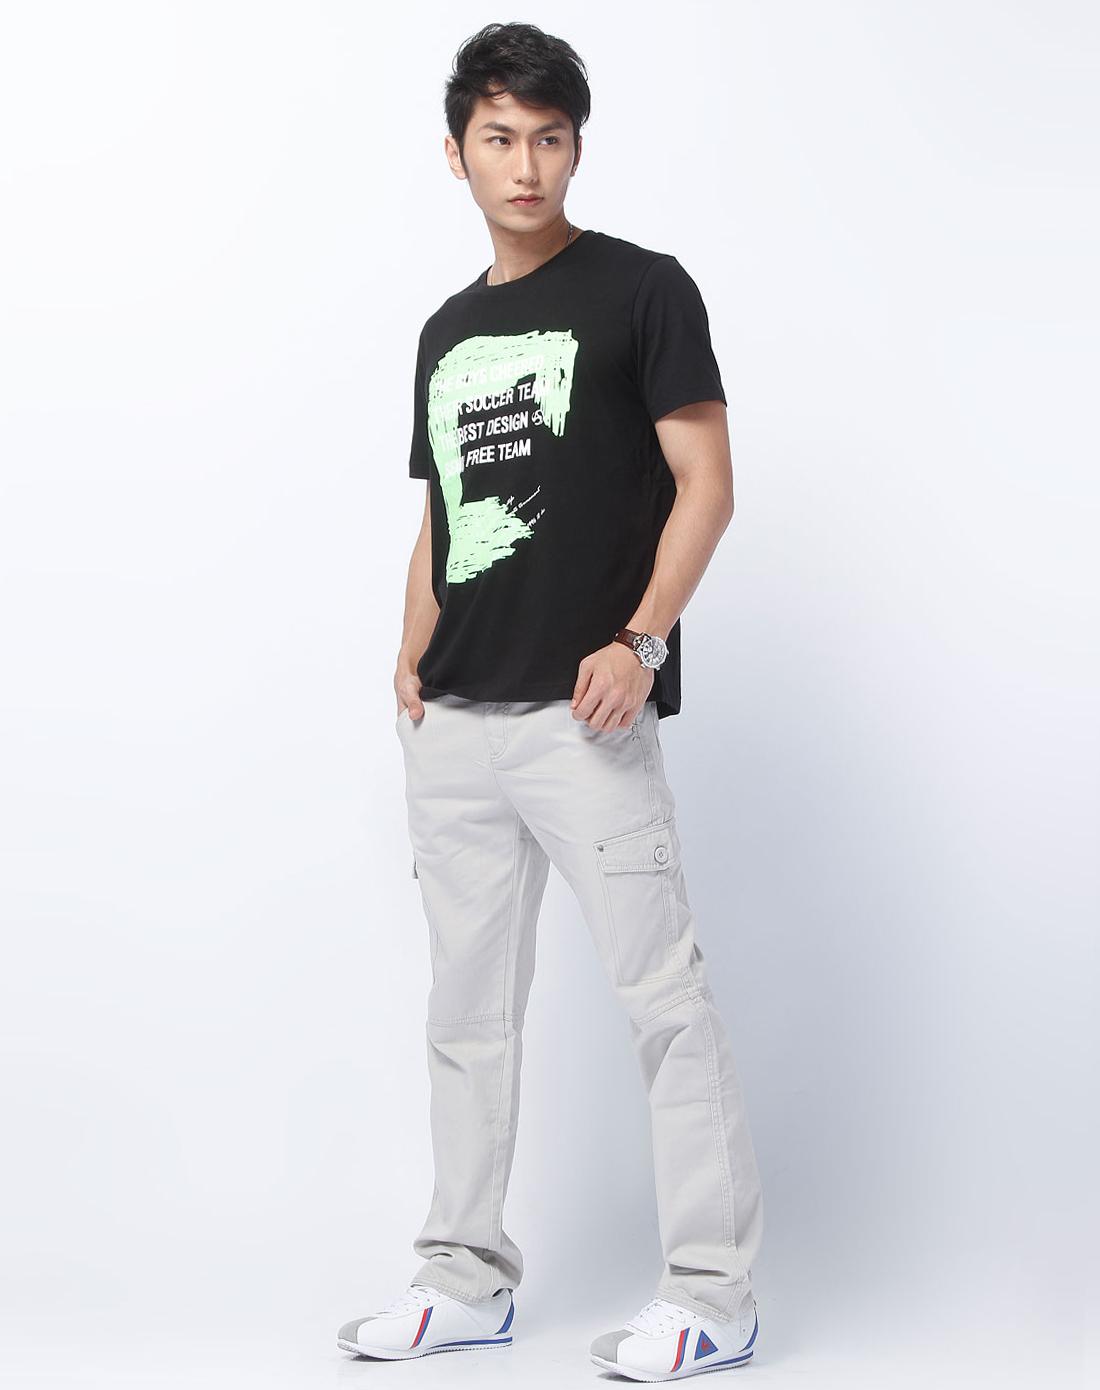 t恤 t恤 服装 衣服 运动衣 1100_1390 竖版 竖屏